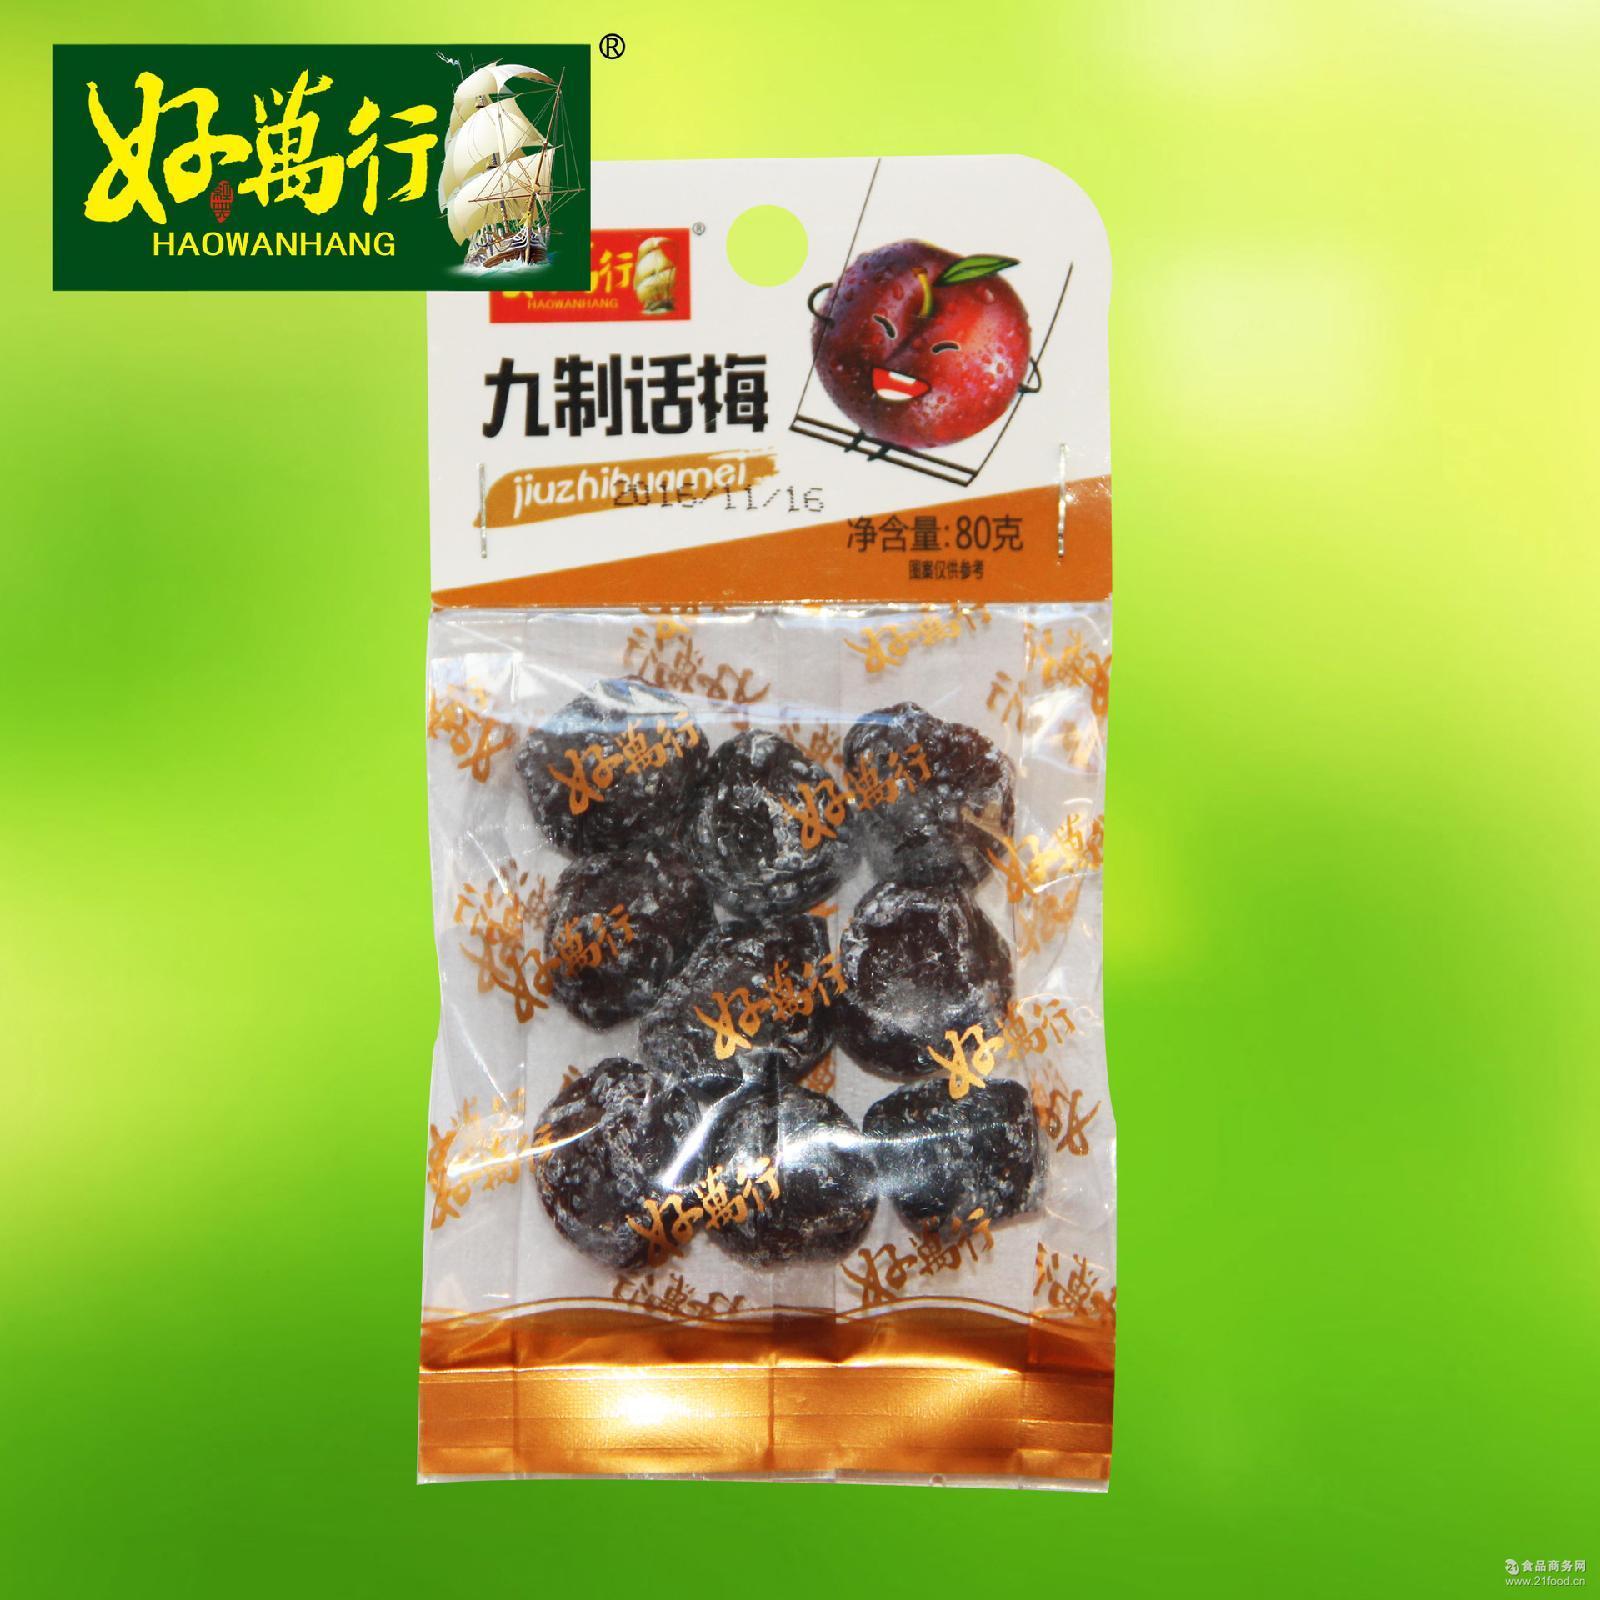 厂家直销 80g 卡袋系列九制话梅果脯广式蜜饯休闲食品 年货*